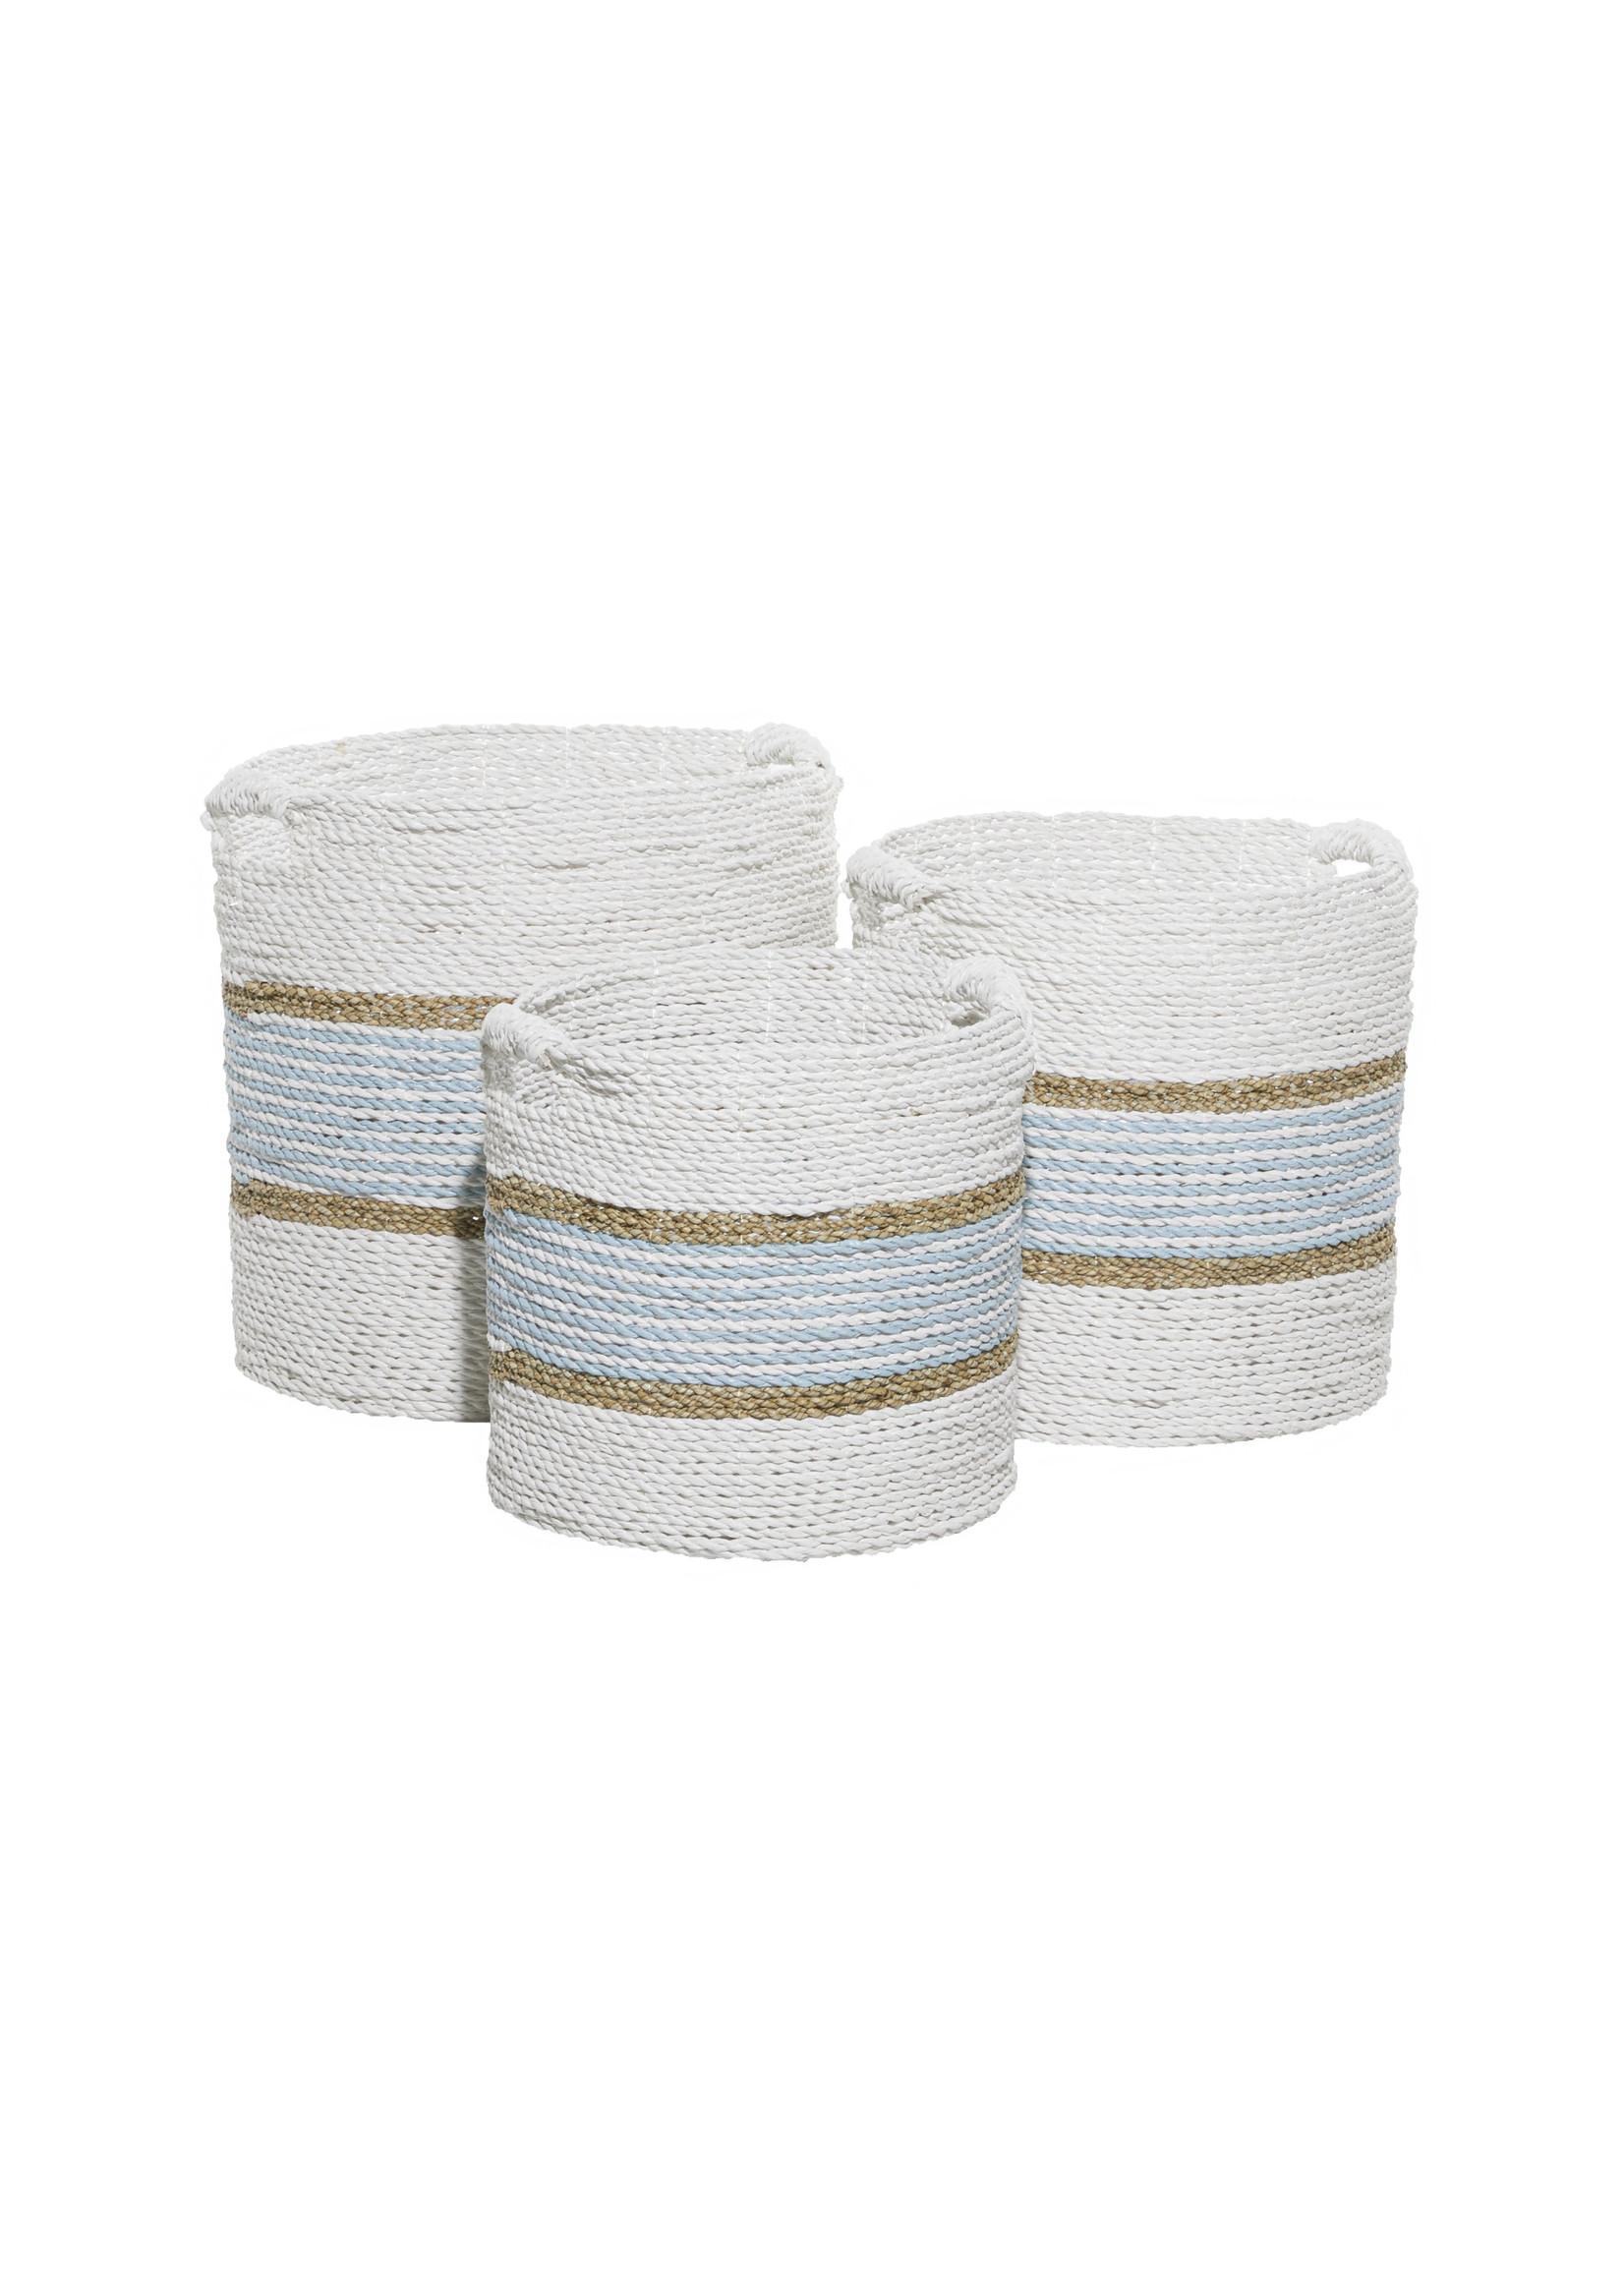 UMA Enterprises Seagrass Basket - Medium